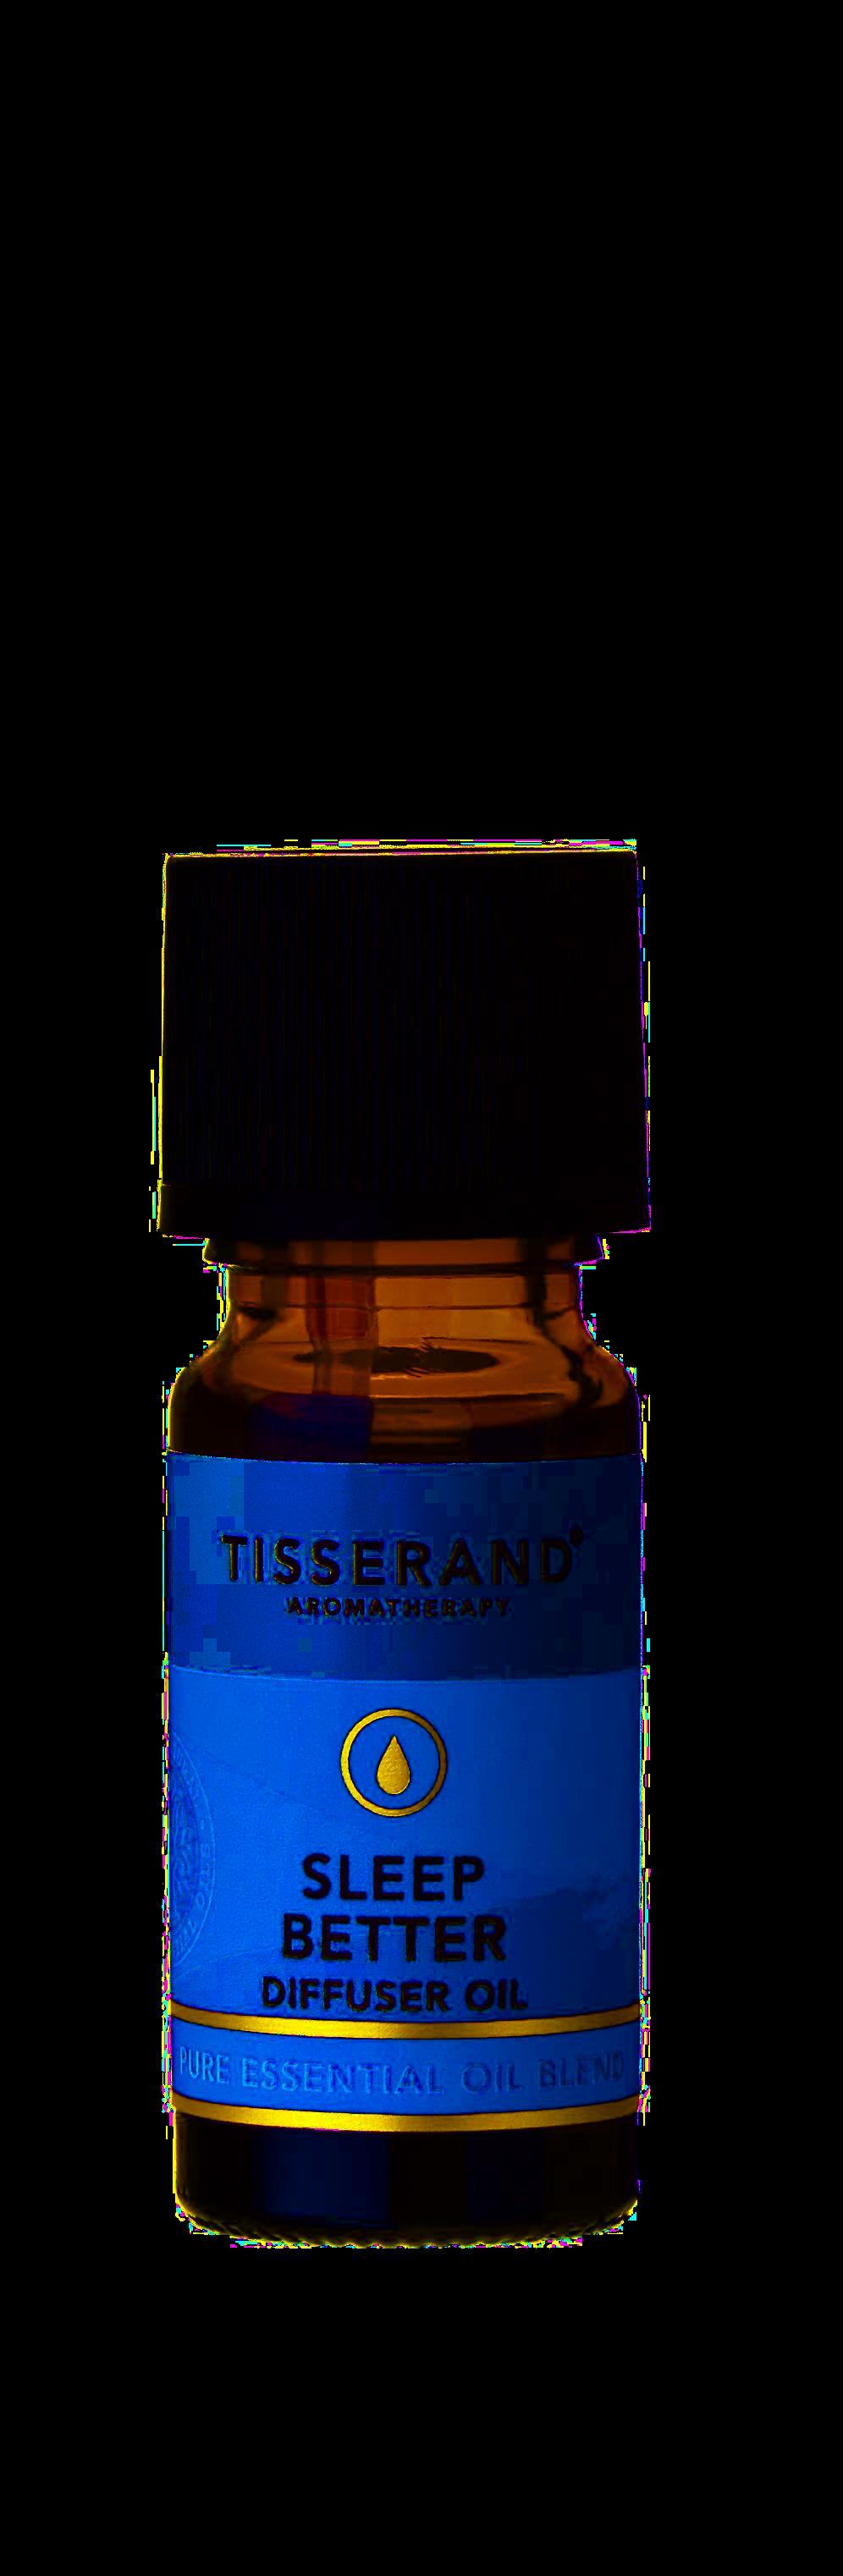 Tisserand Sleep Better uklidňující směs esenciálních olejů pro klidný spánek, 9 ml